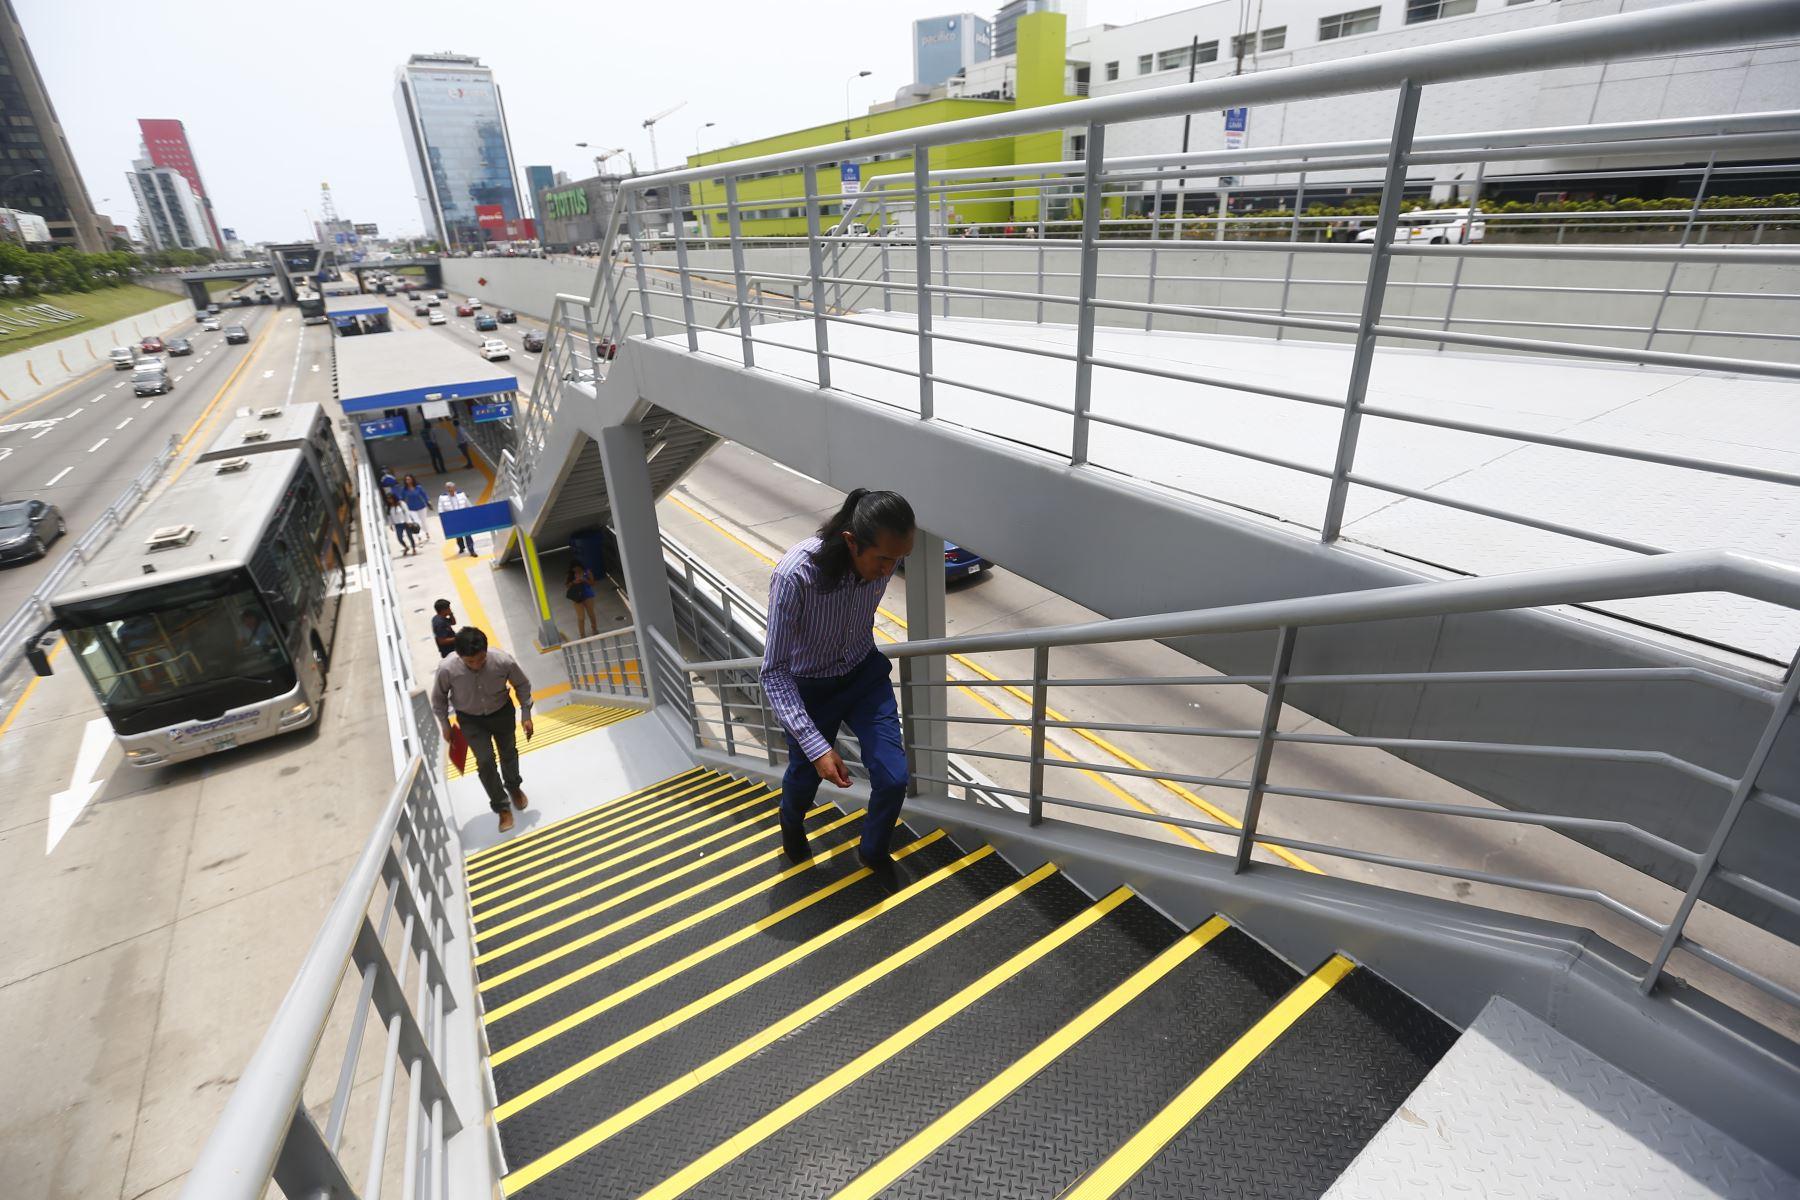 El alcalde Jorge Muñoz inaugura la nueva estación Andrés Reyes del Metropolitano, que beneficiará a 26 mil usuarios que utilizan a diario el servicio. Foto: ANDINA/Jhonel Rodríguez